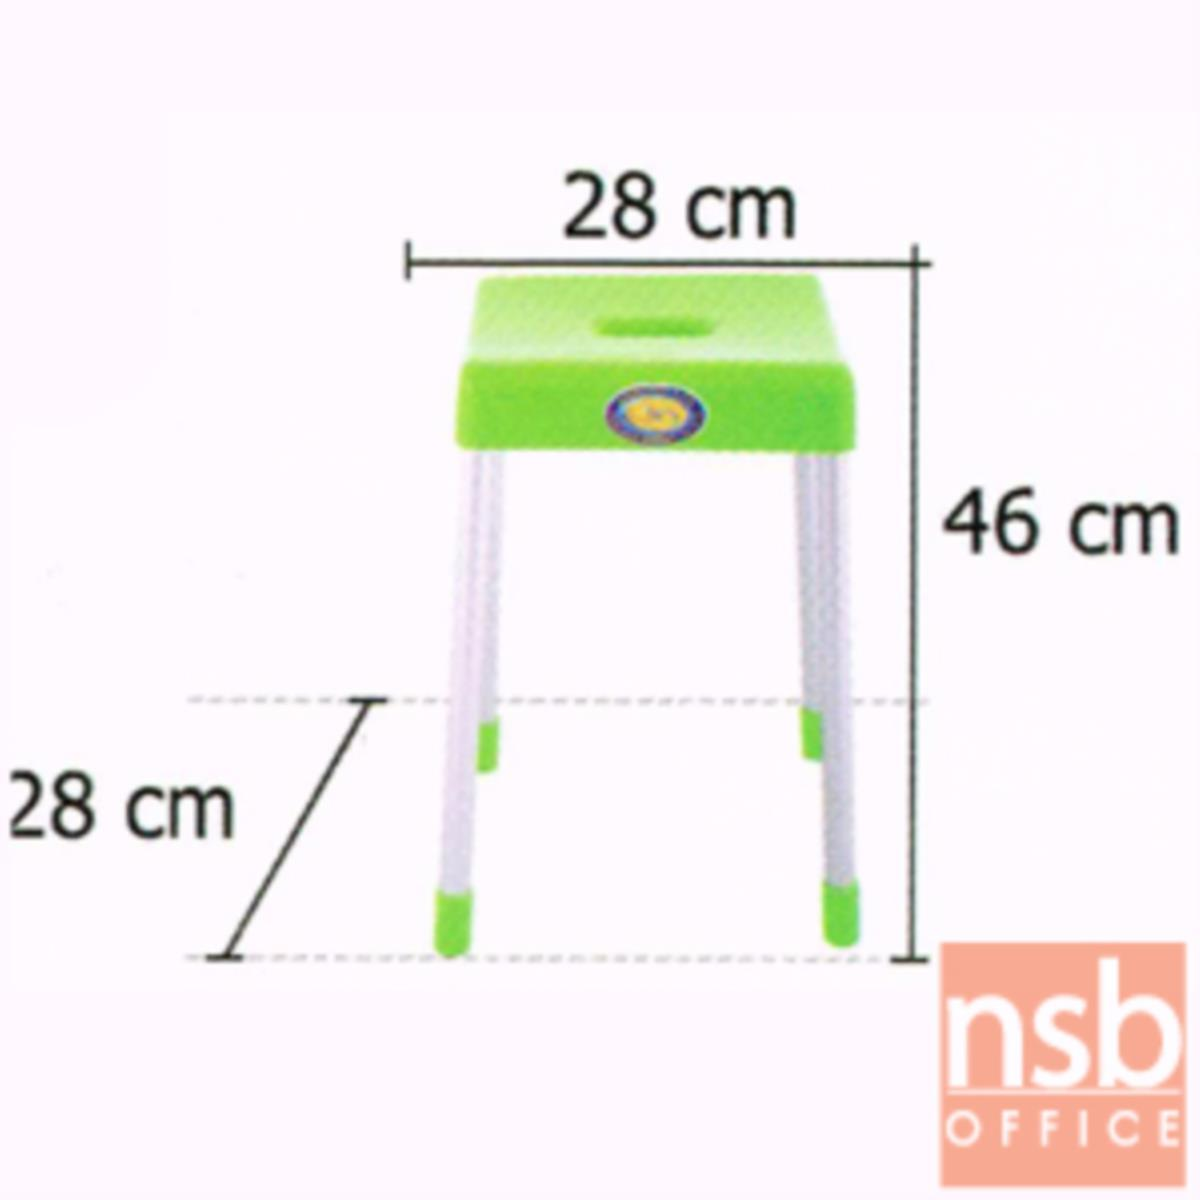 เก้าอี้พลาสติก รุ่น FUJI_CHAIR (พลาสติกเกรด A)